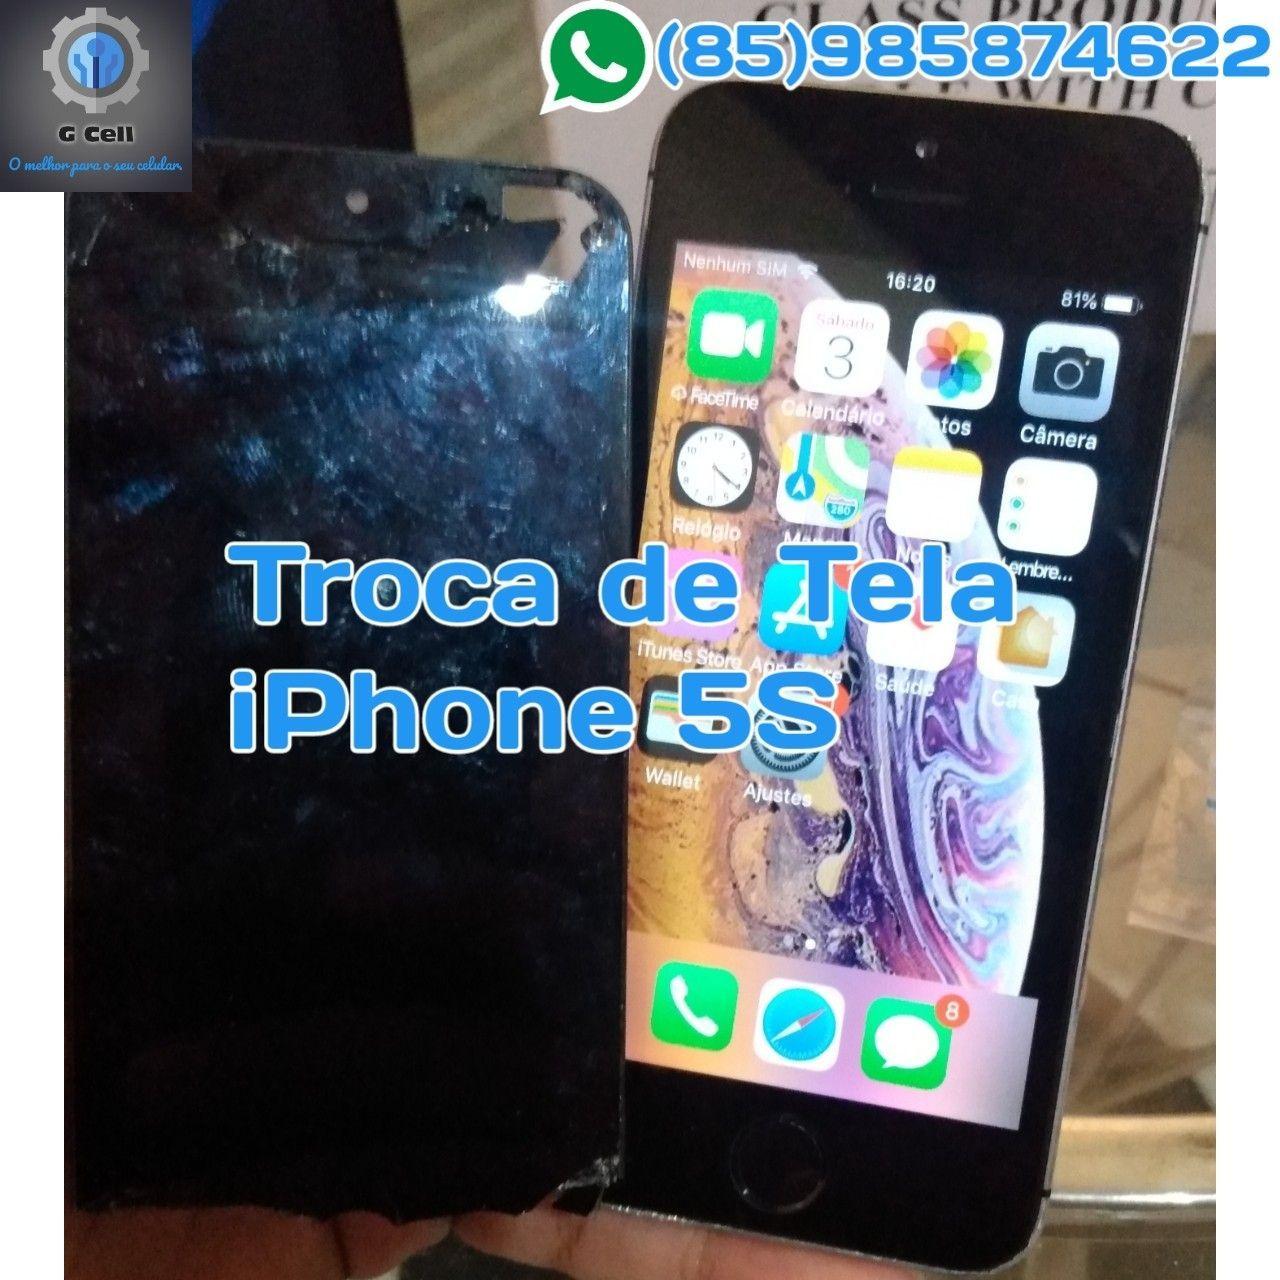 Troca de tela iPhone 5S